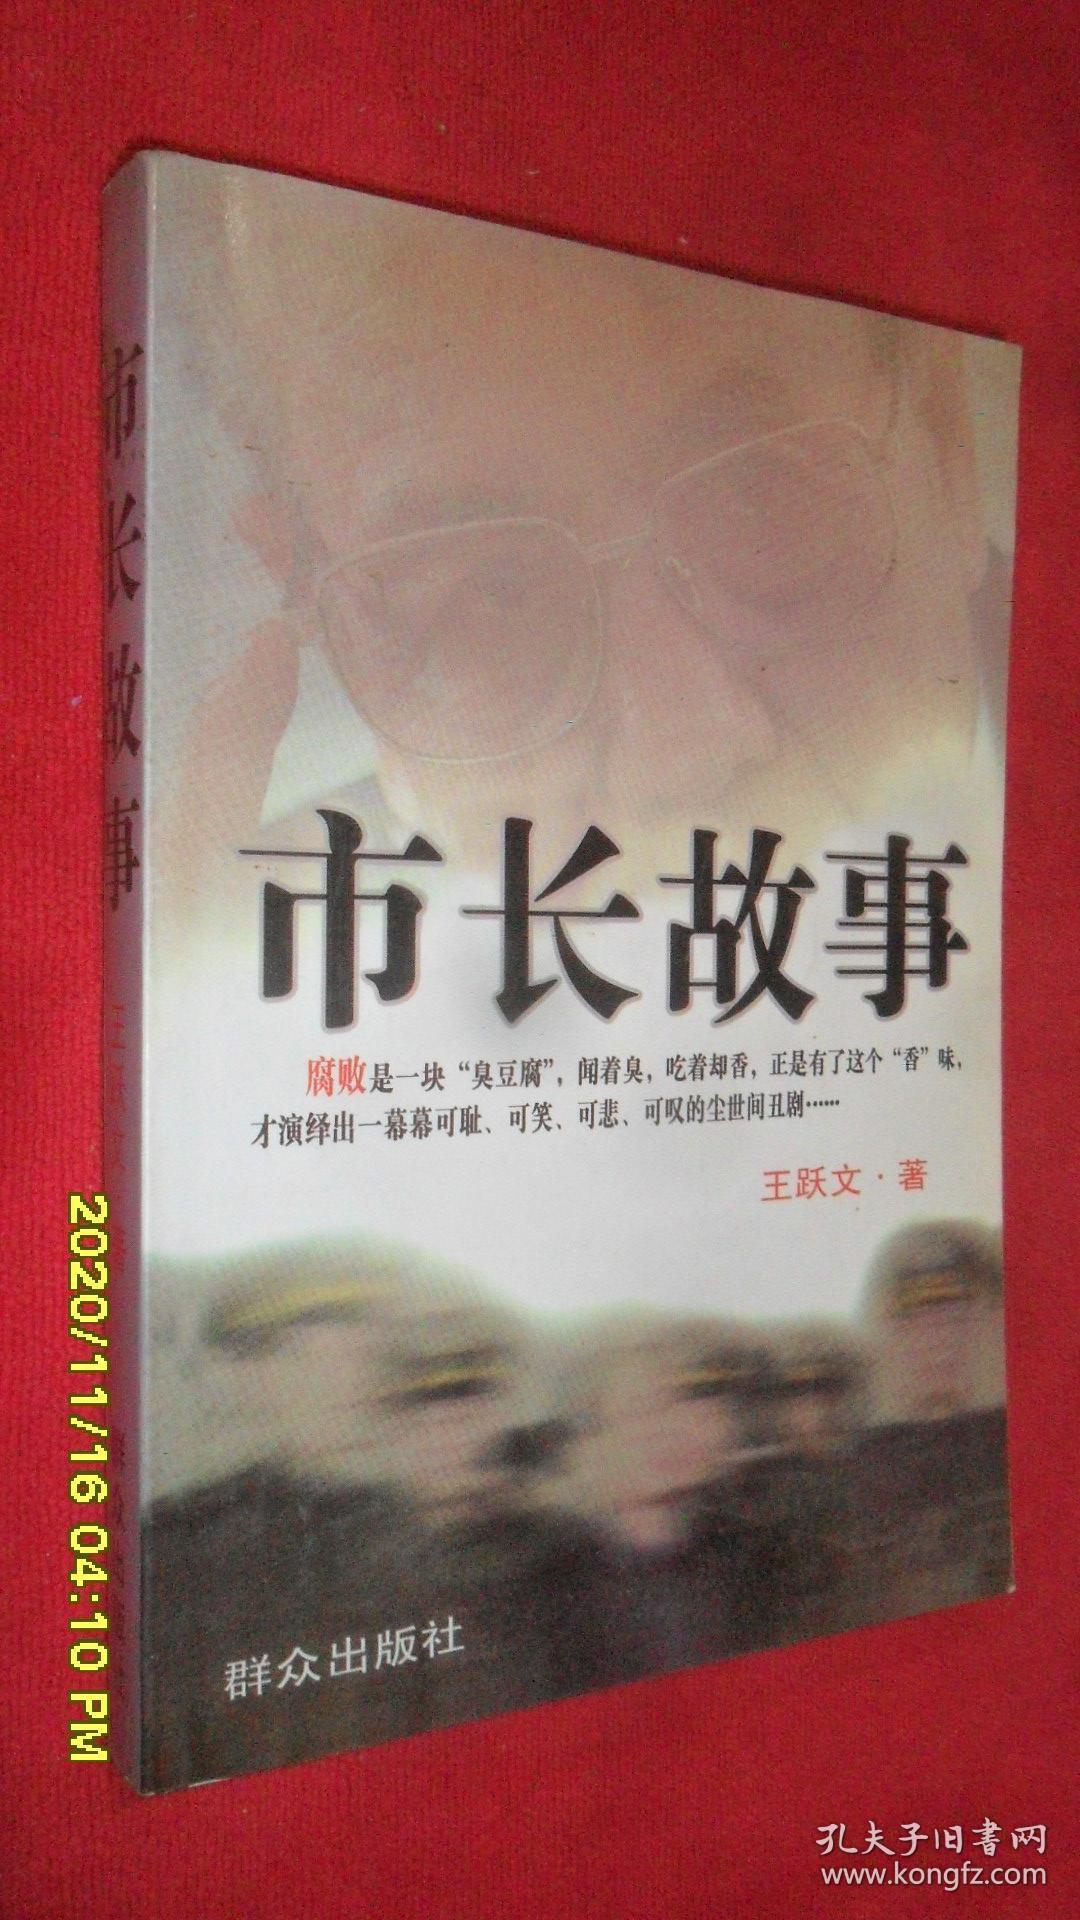 市长故事(王跃文 著)